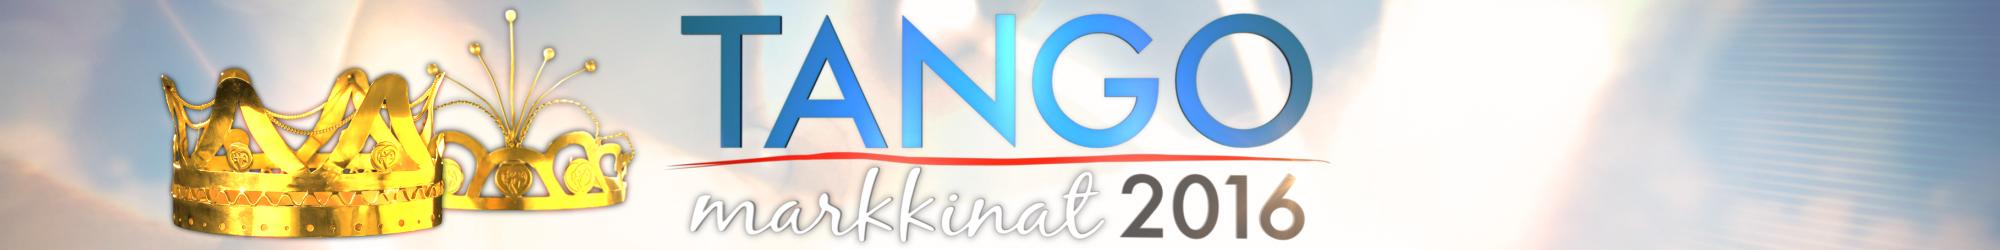 Aihesivun Tangomarkkinat 2016 pääkuva